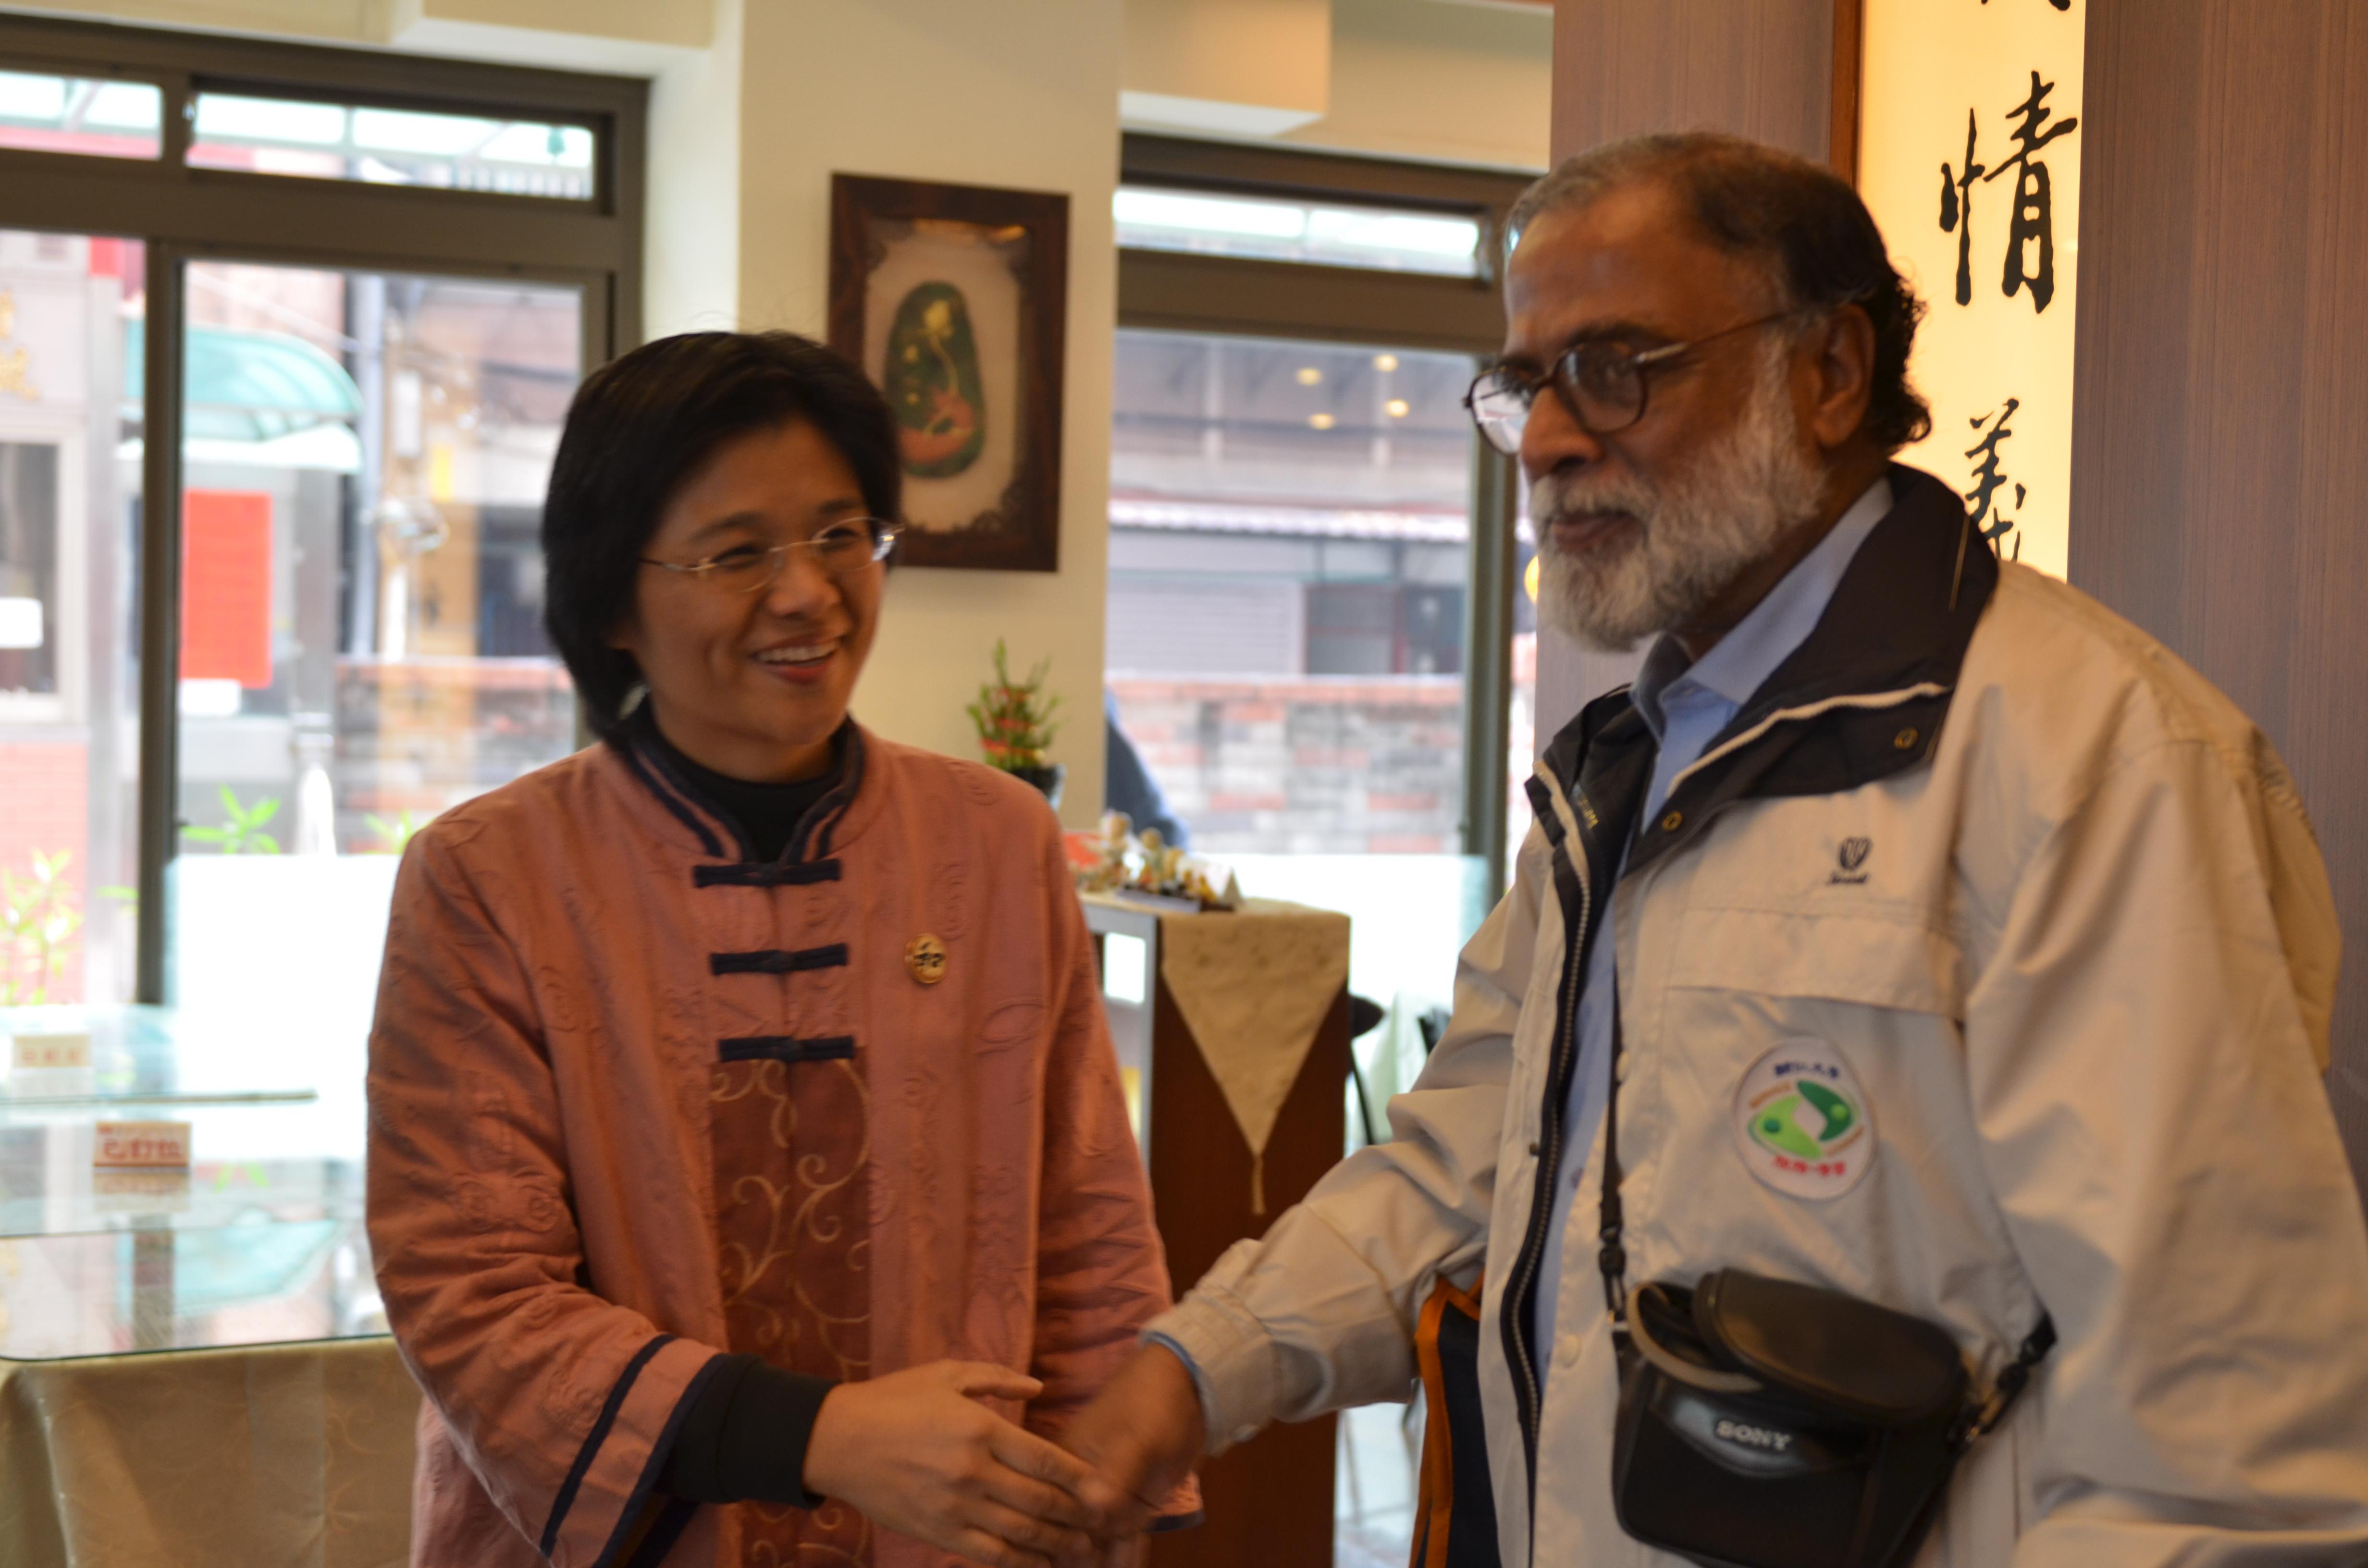 05_陳執行長與Madhukar教授握手問安.JPG